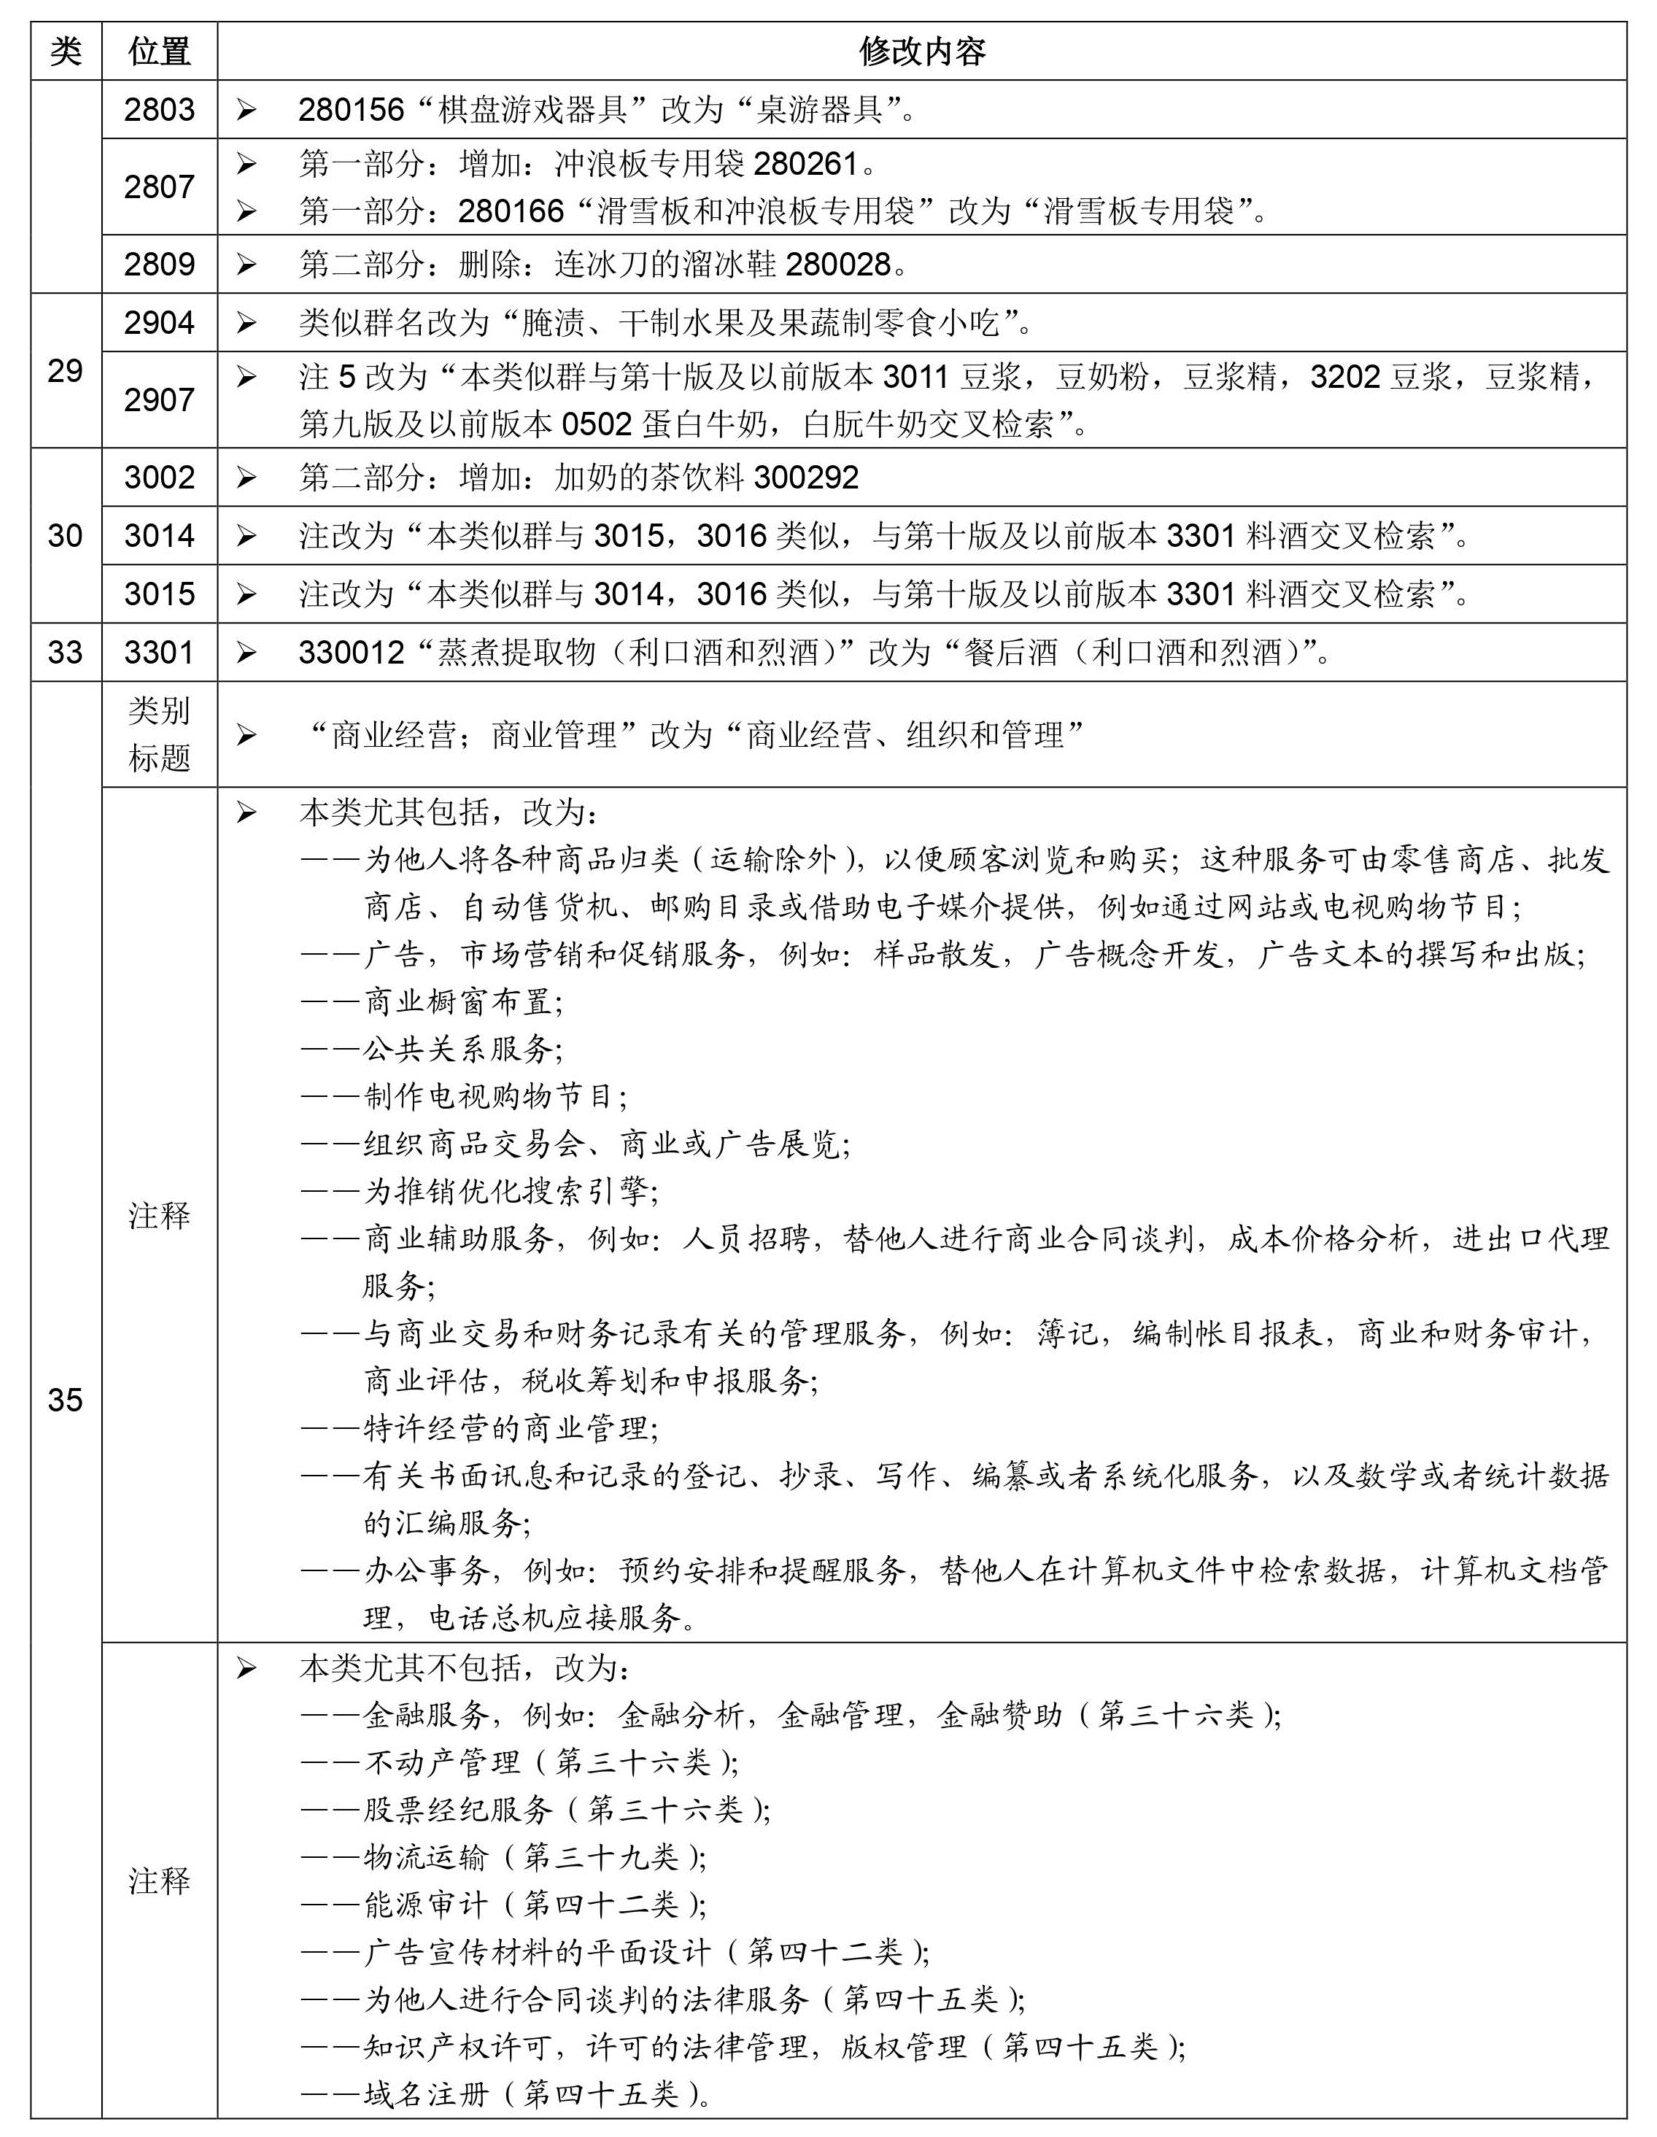 尼斯分类第十一版2021文本中文版和区分表修改内容